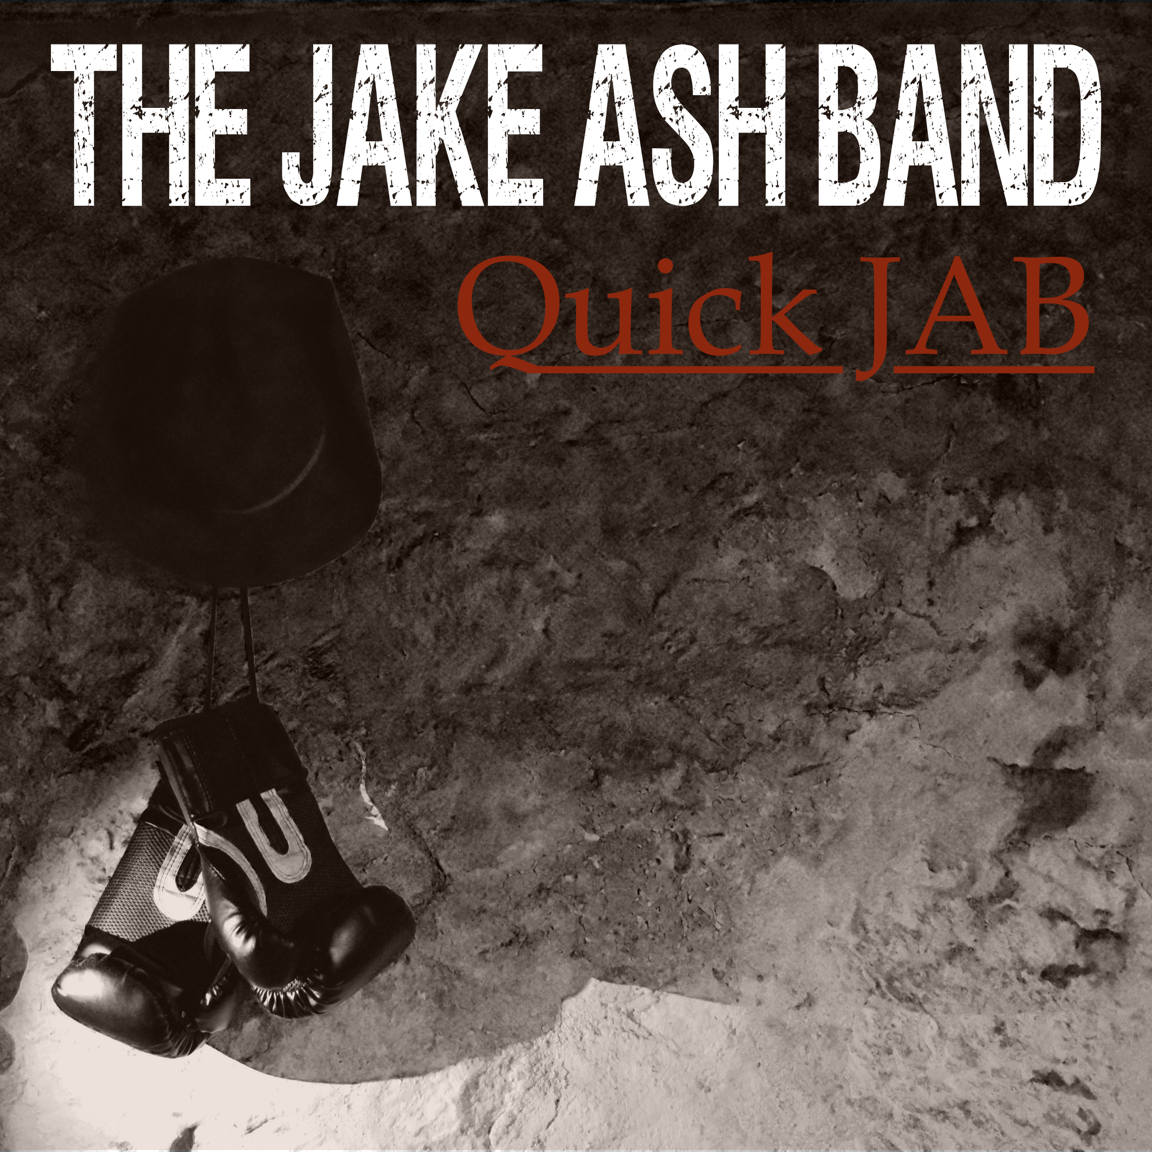 Quick JAB